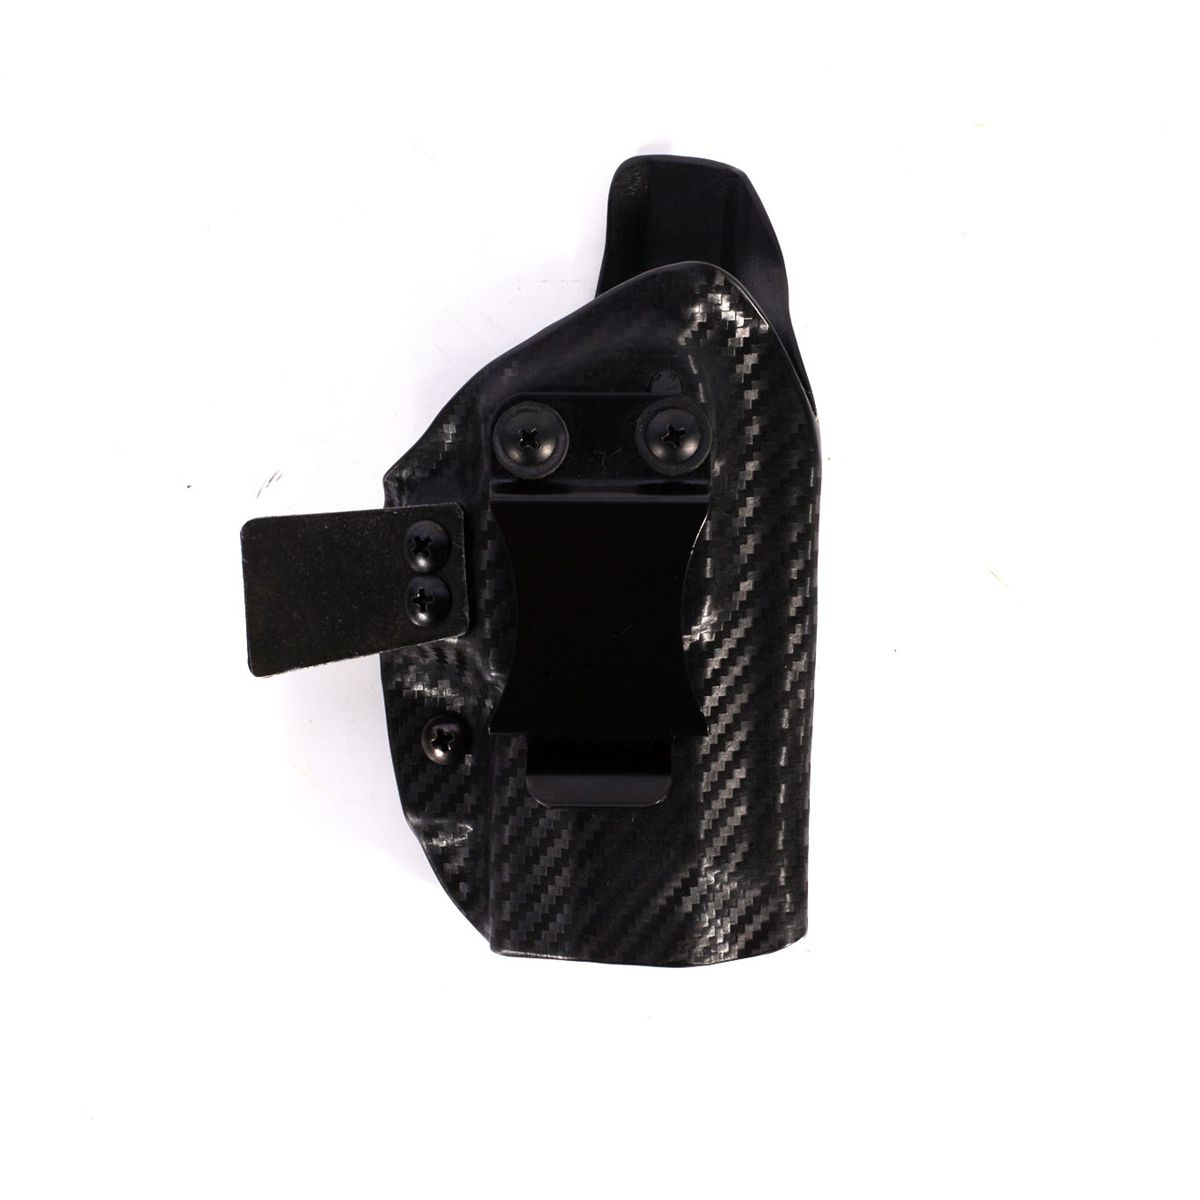 Coldre Slim Magnum Pist Imbel MD1/MD2 Carbon Black - Destro